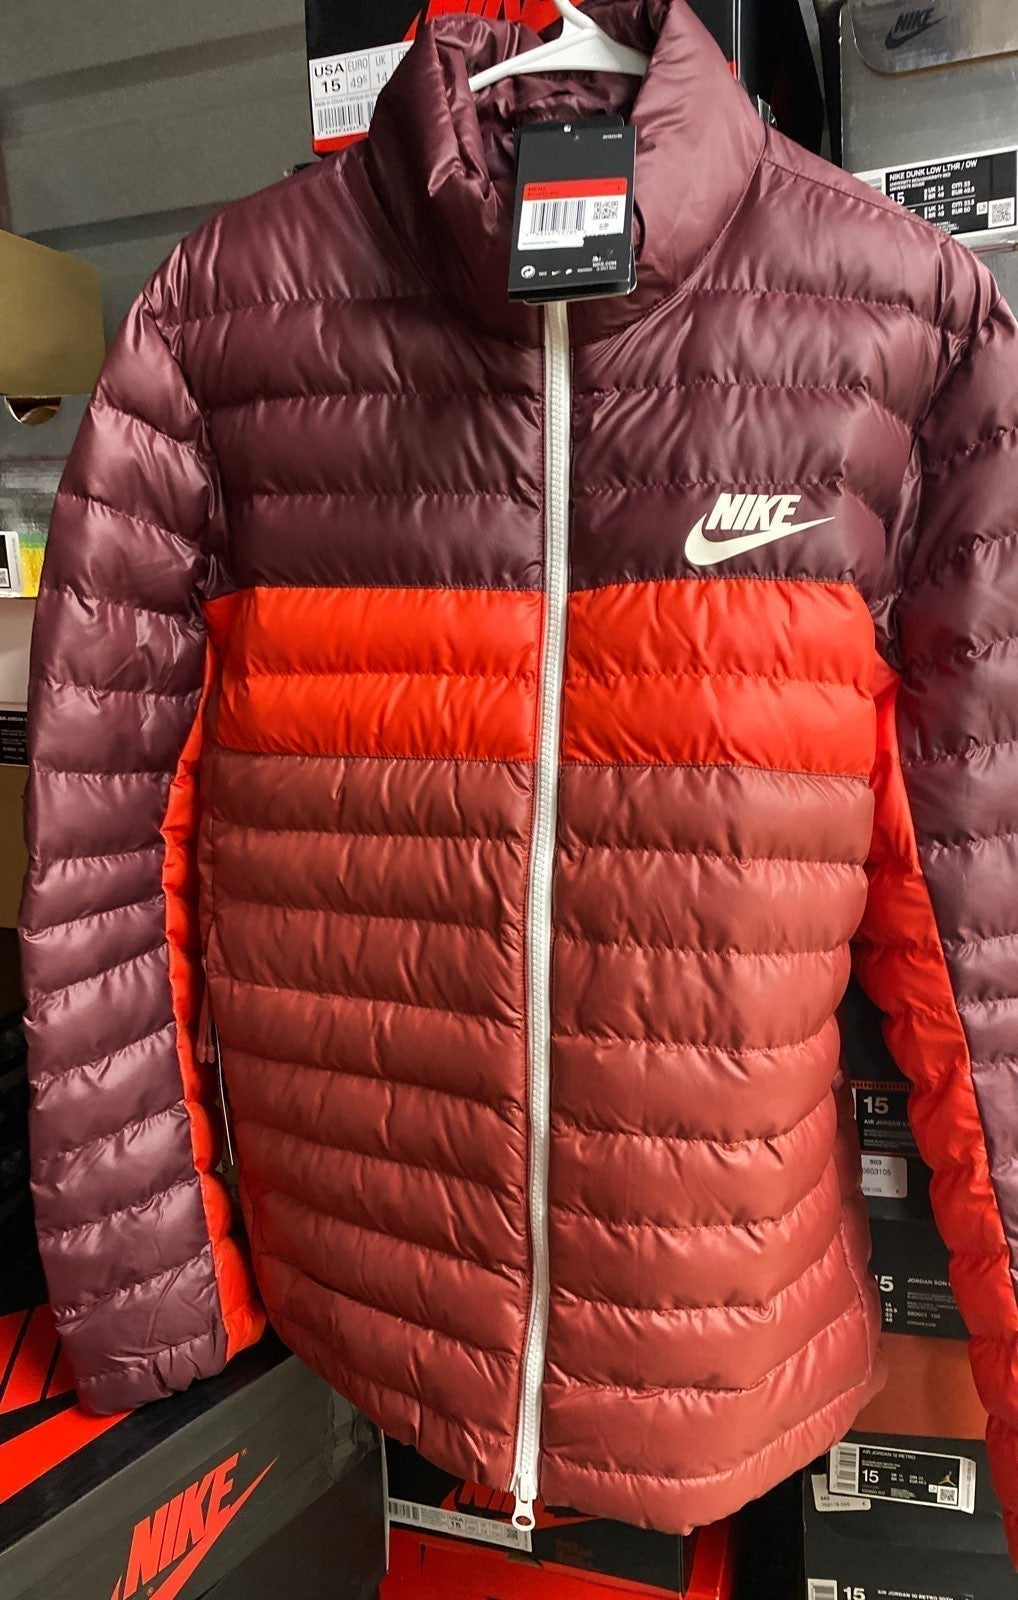 Nike coat for men